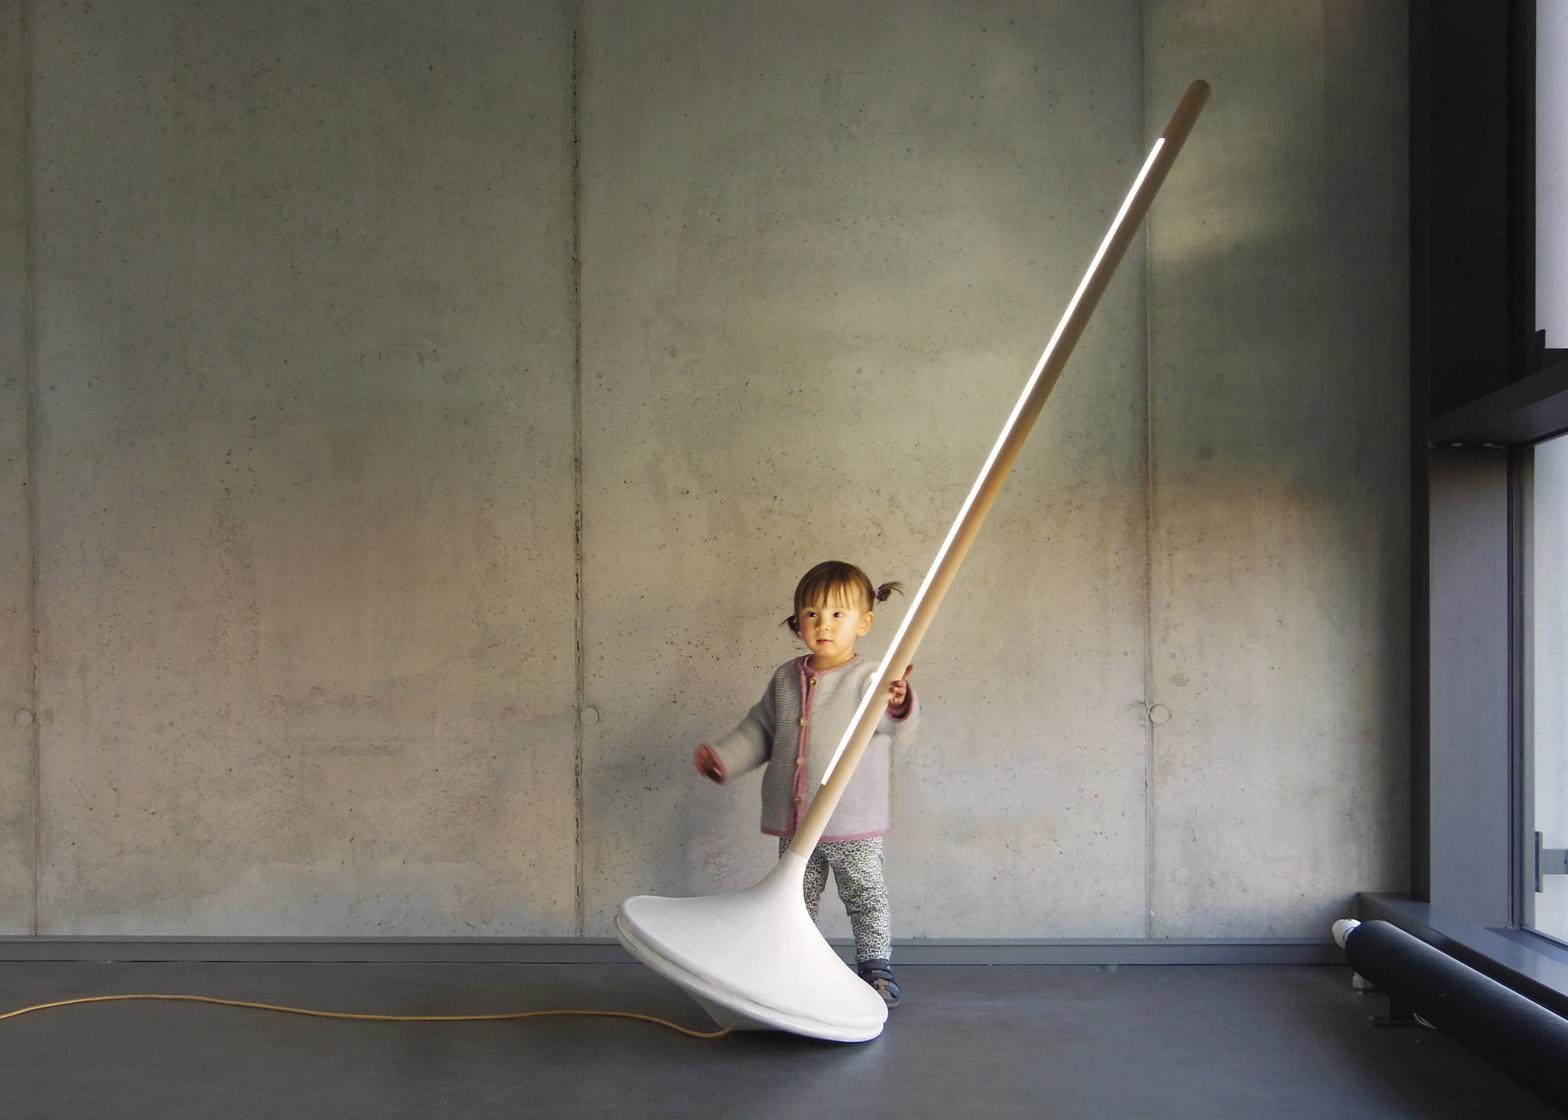 Ewan Cashman S Pumpal Light Resembles An Oversized Spinning Top